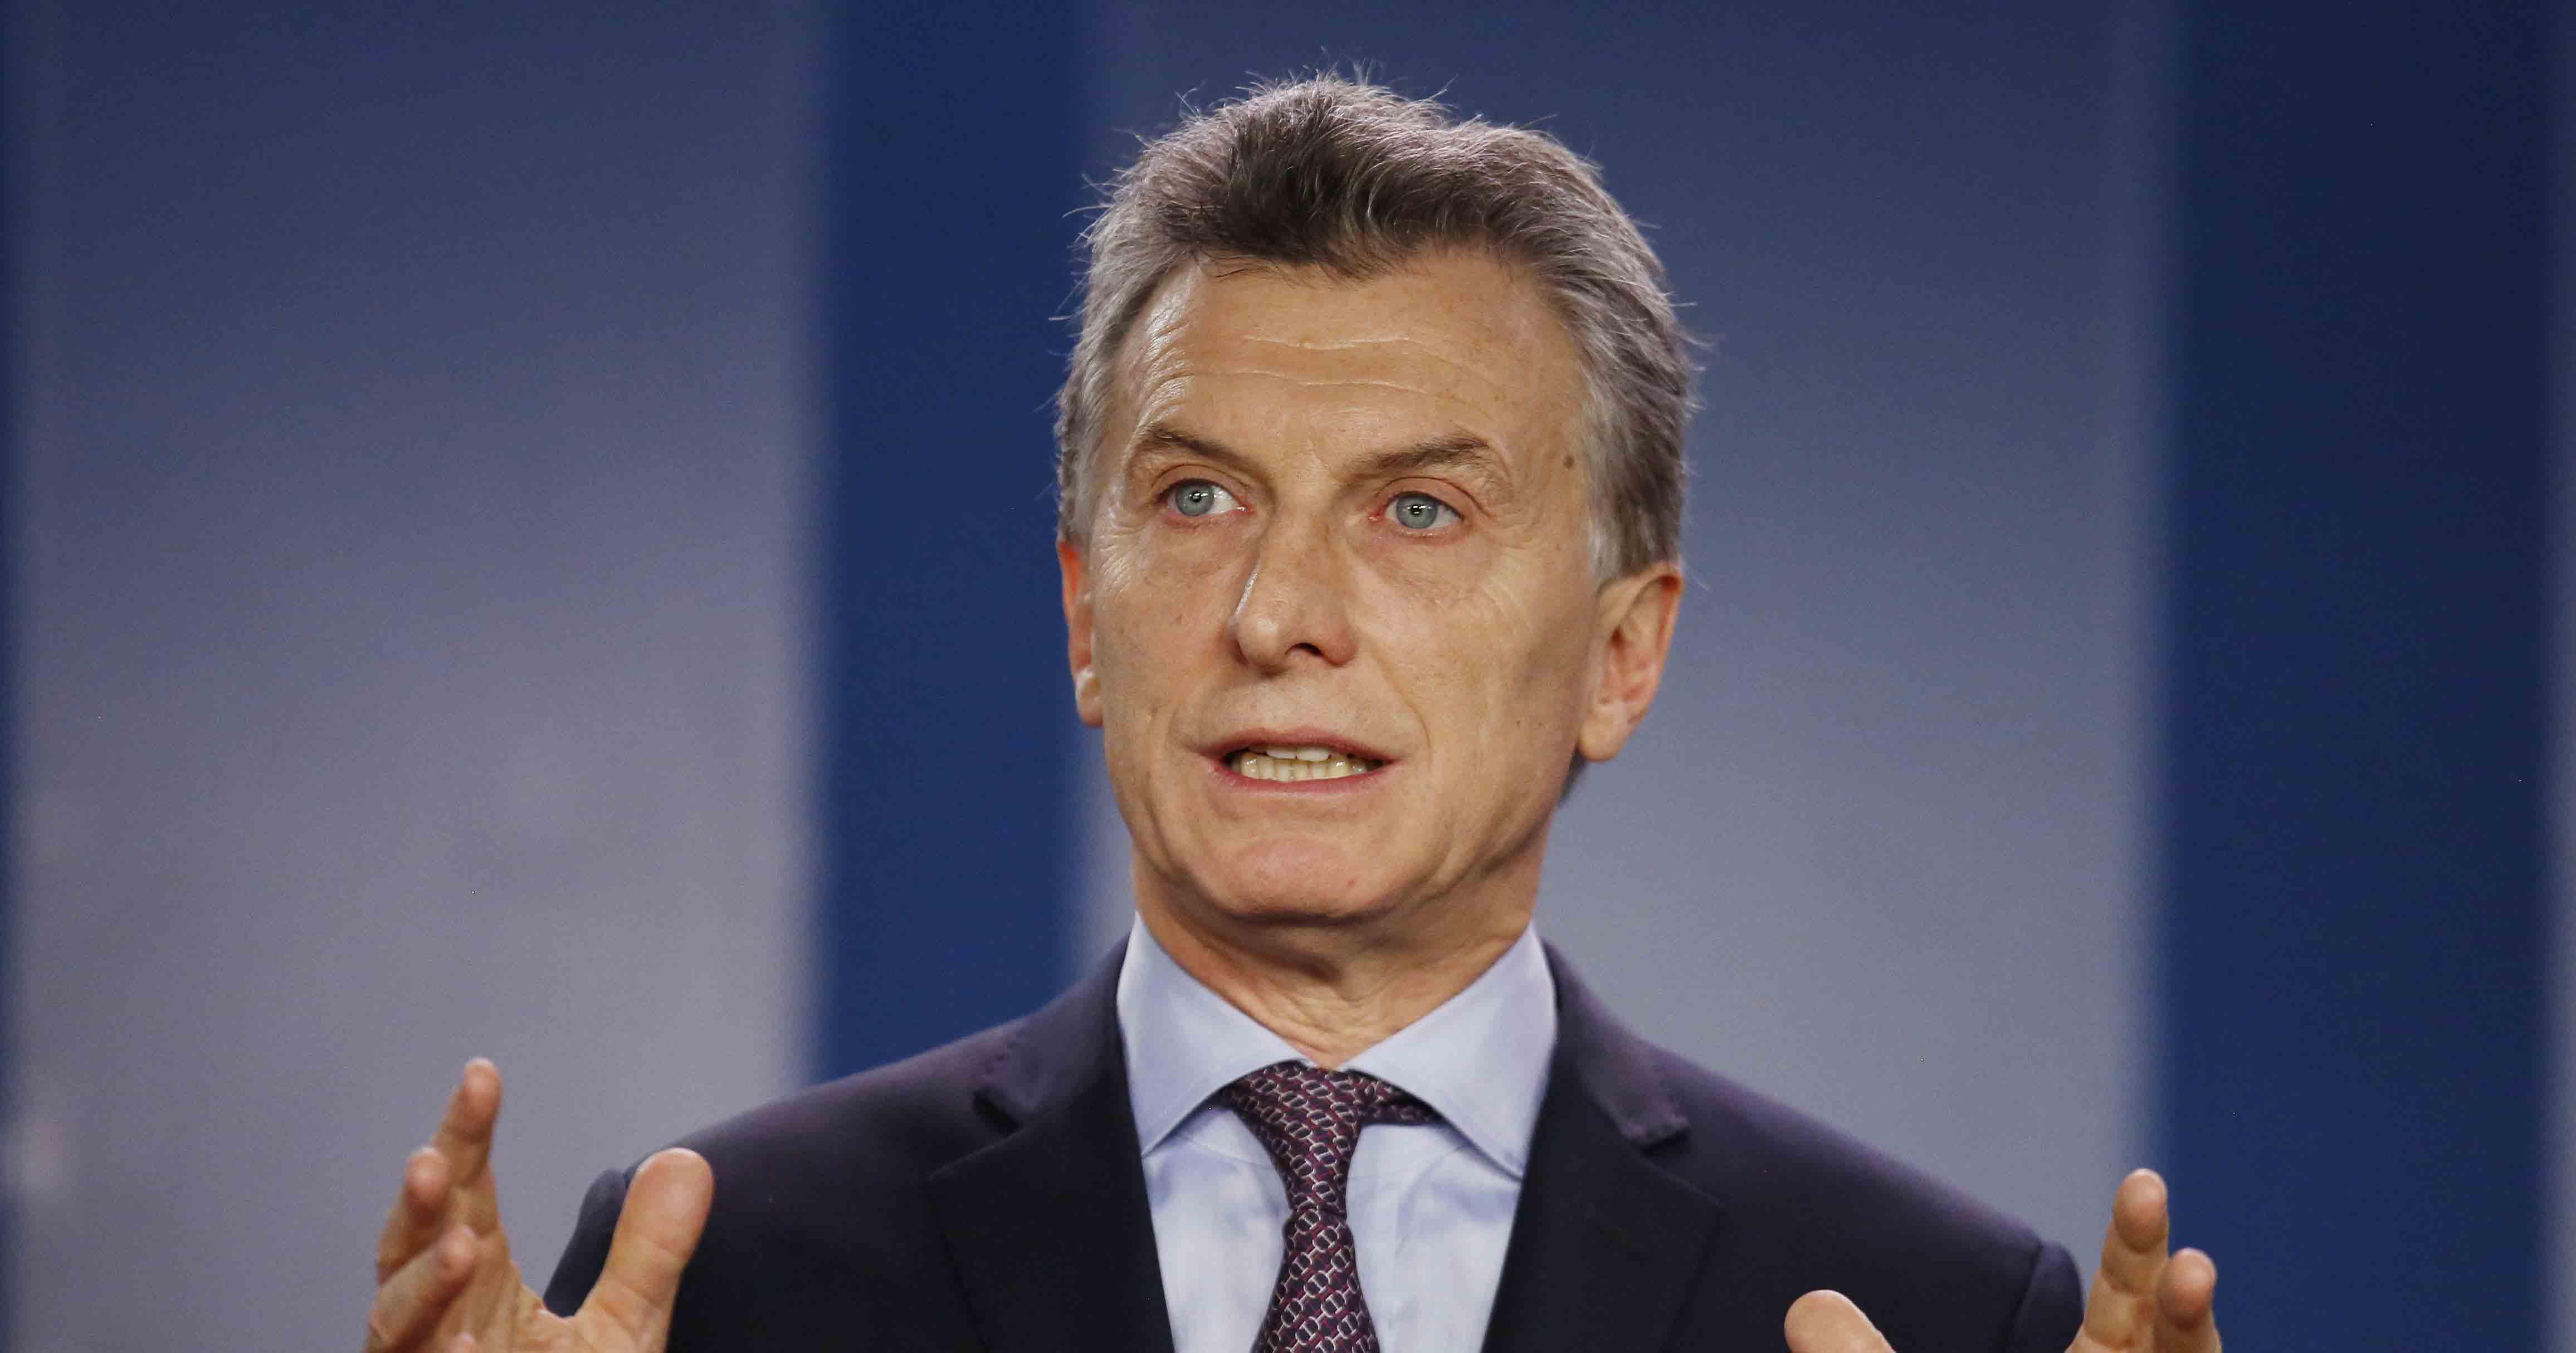 Expertos aseguran que el presidente de Argentina debe tomar una fuerte postura ante Donald Trump